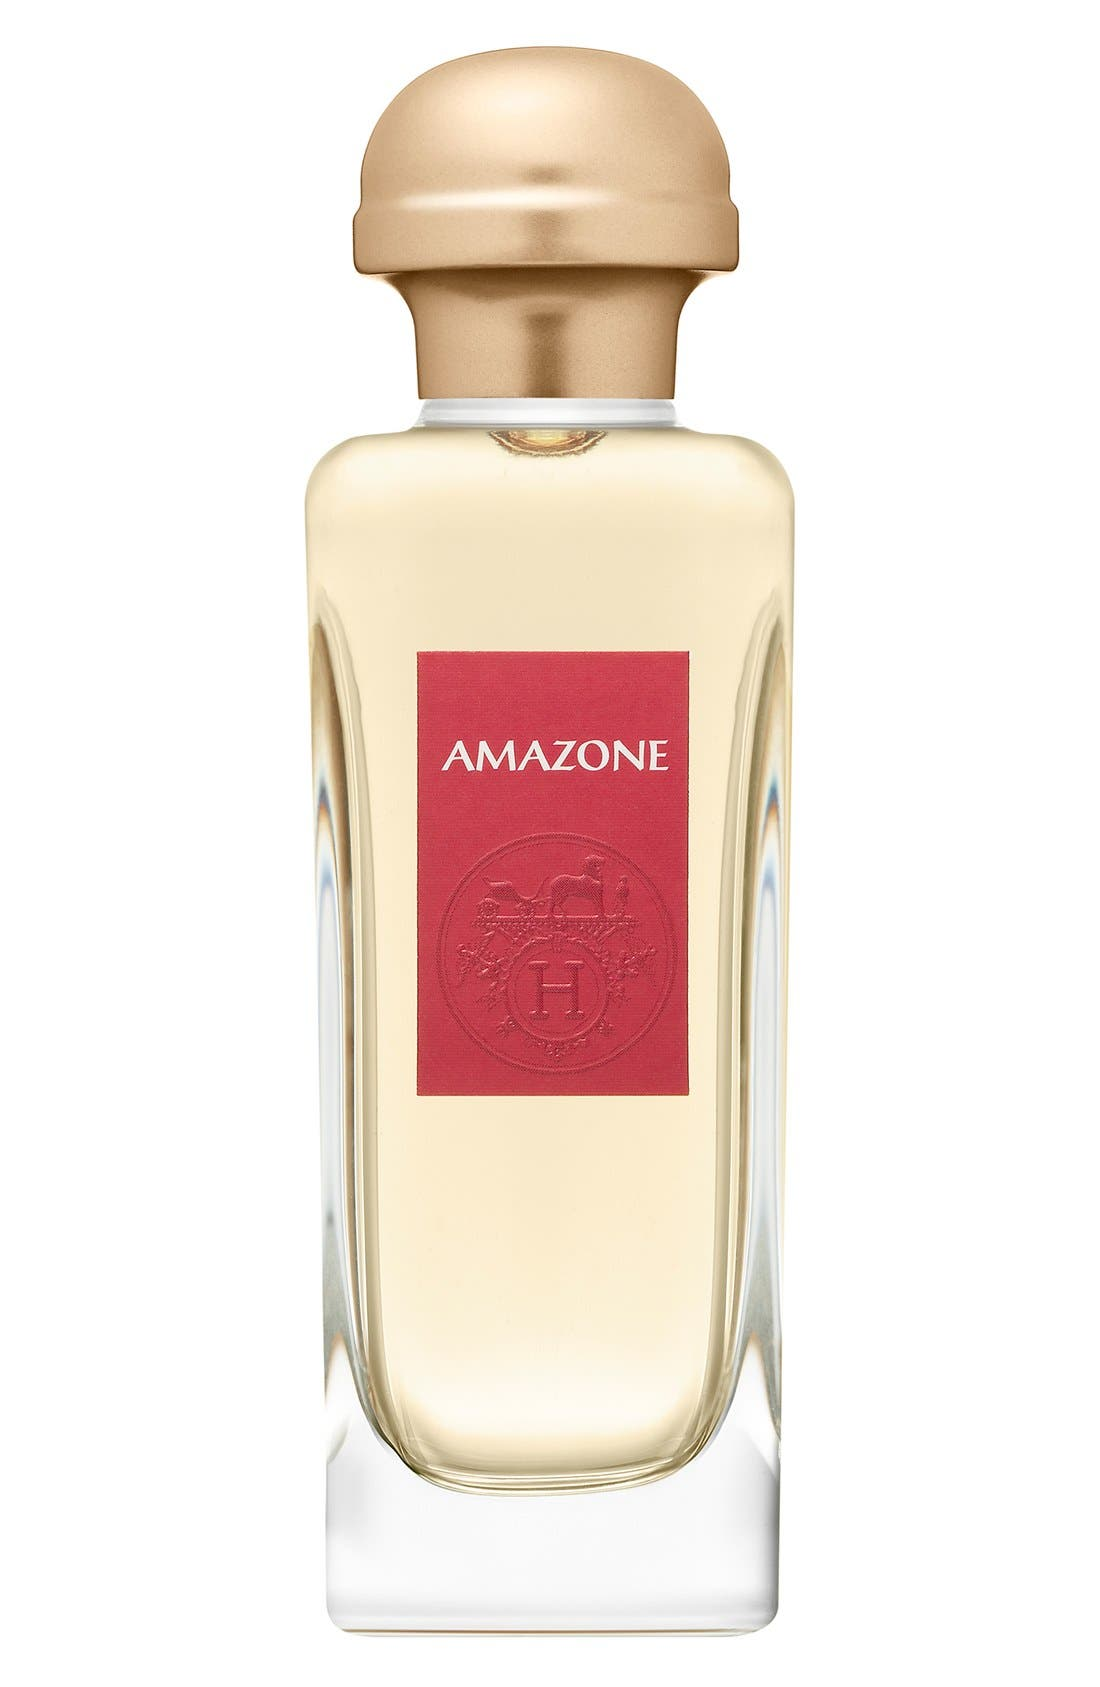 Hermès Amazone - Eau de toilette natural spray